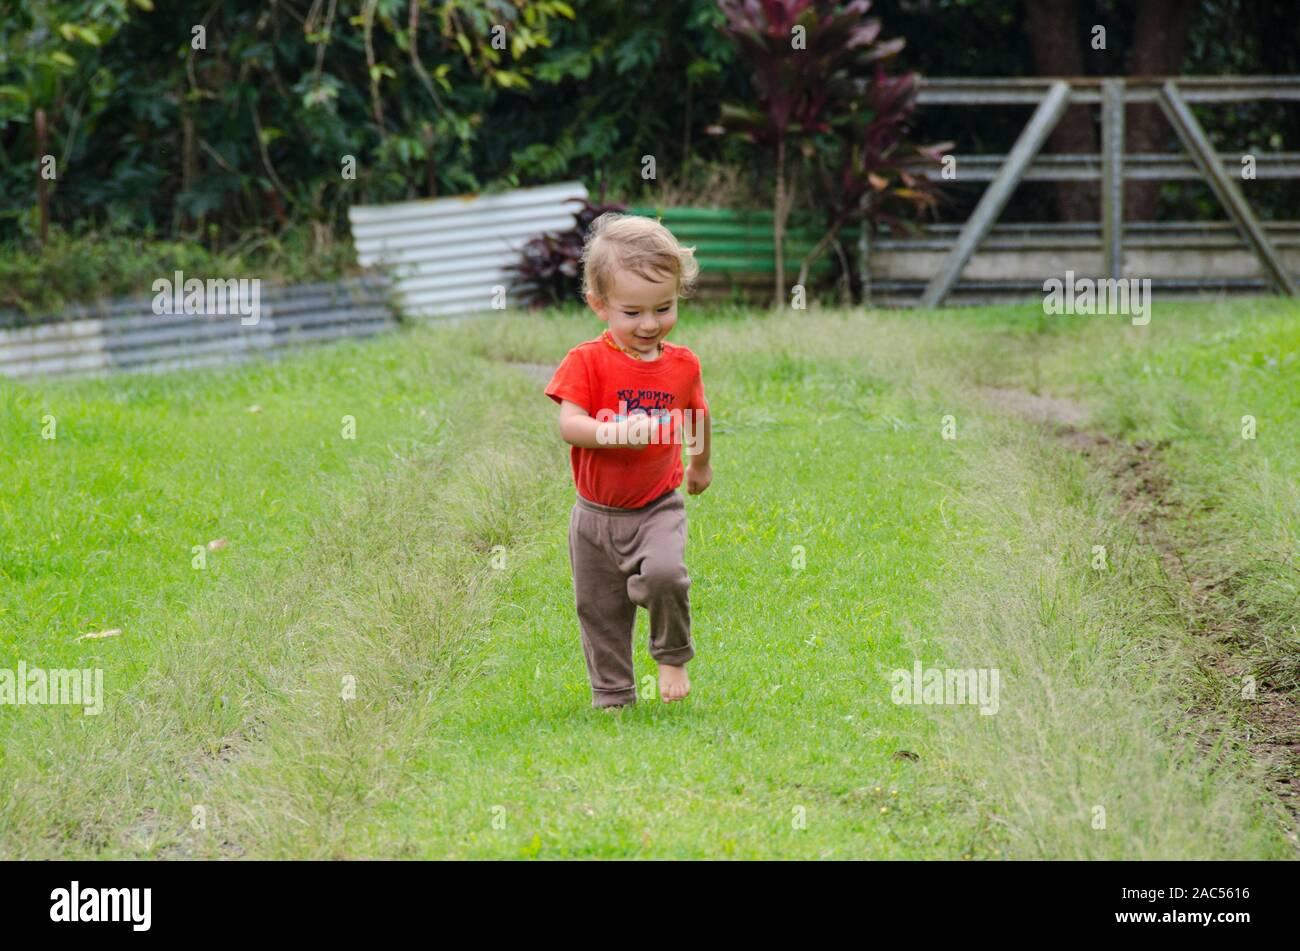 Un uno-año-viejo muchacho de la parte asiática jugando fuera discurre por un camino cubierto de hierba, Isla Grande. Foto de stock